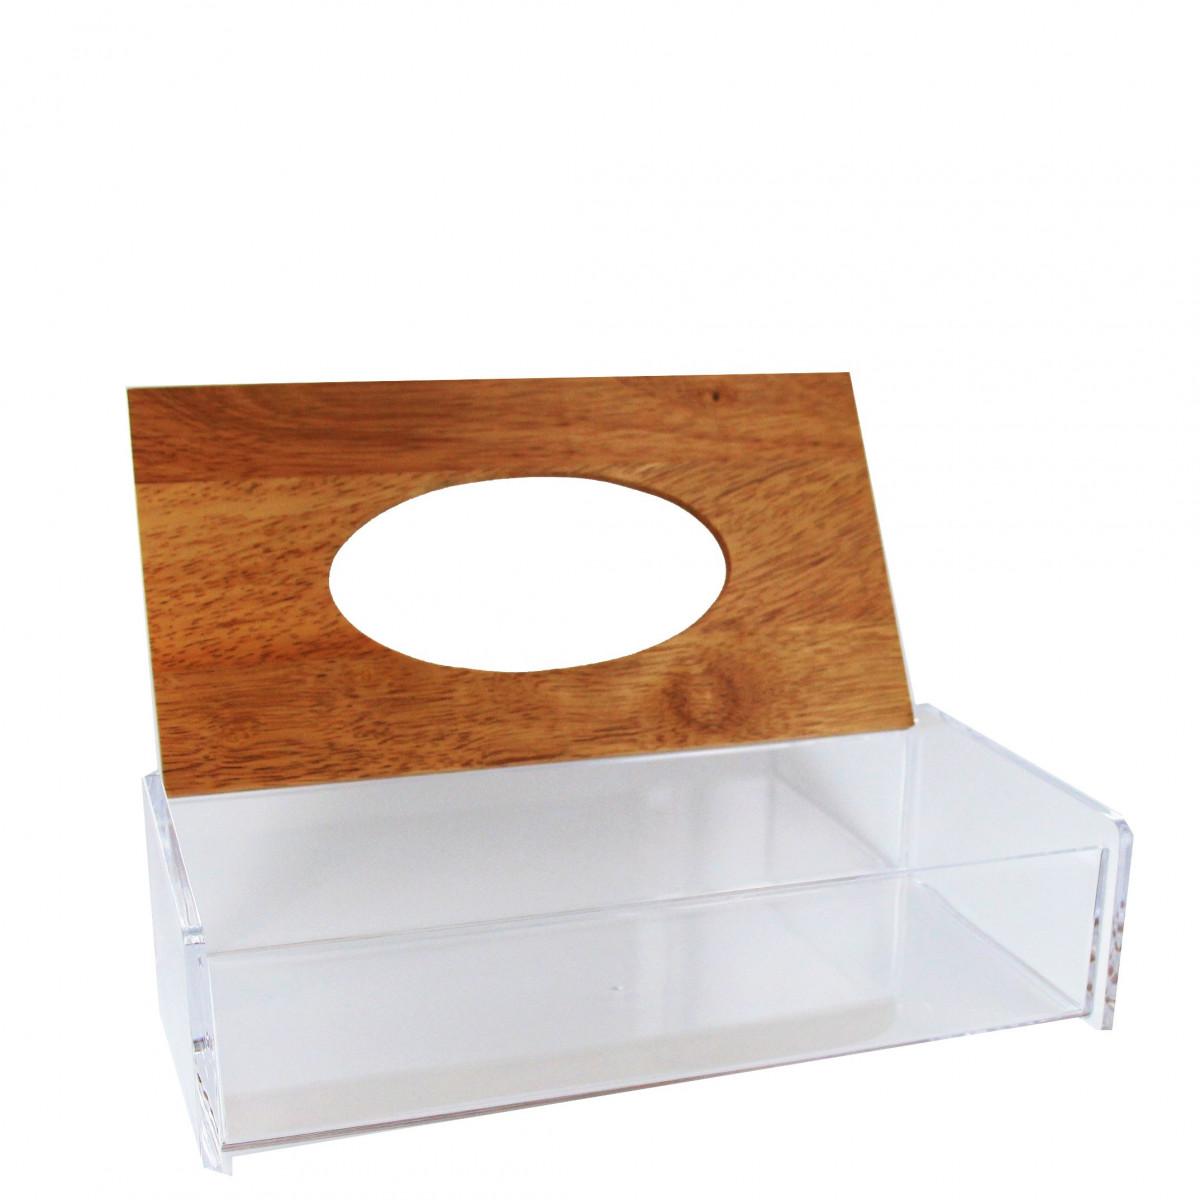 Bo te range mouchoirs transparente avec couvercle en bambou - Boite acrylique transparente ...